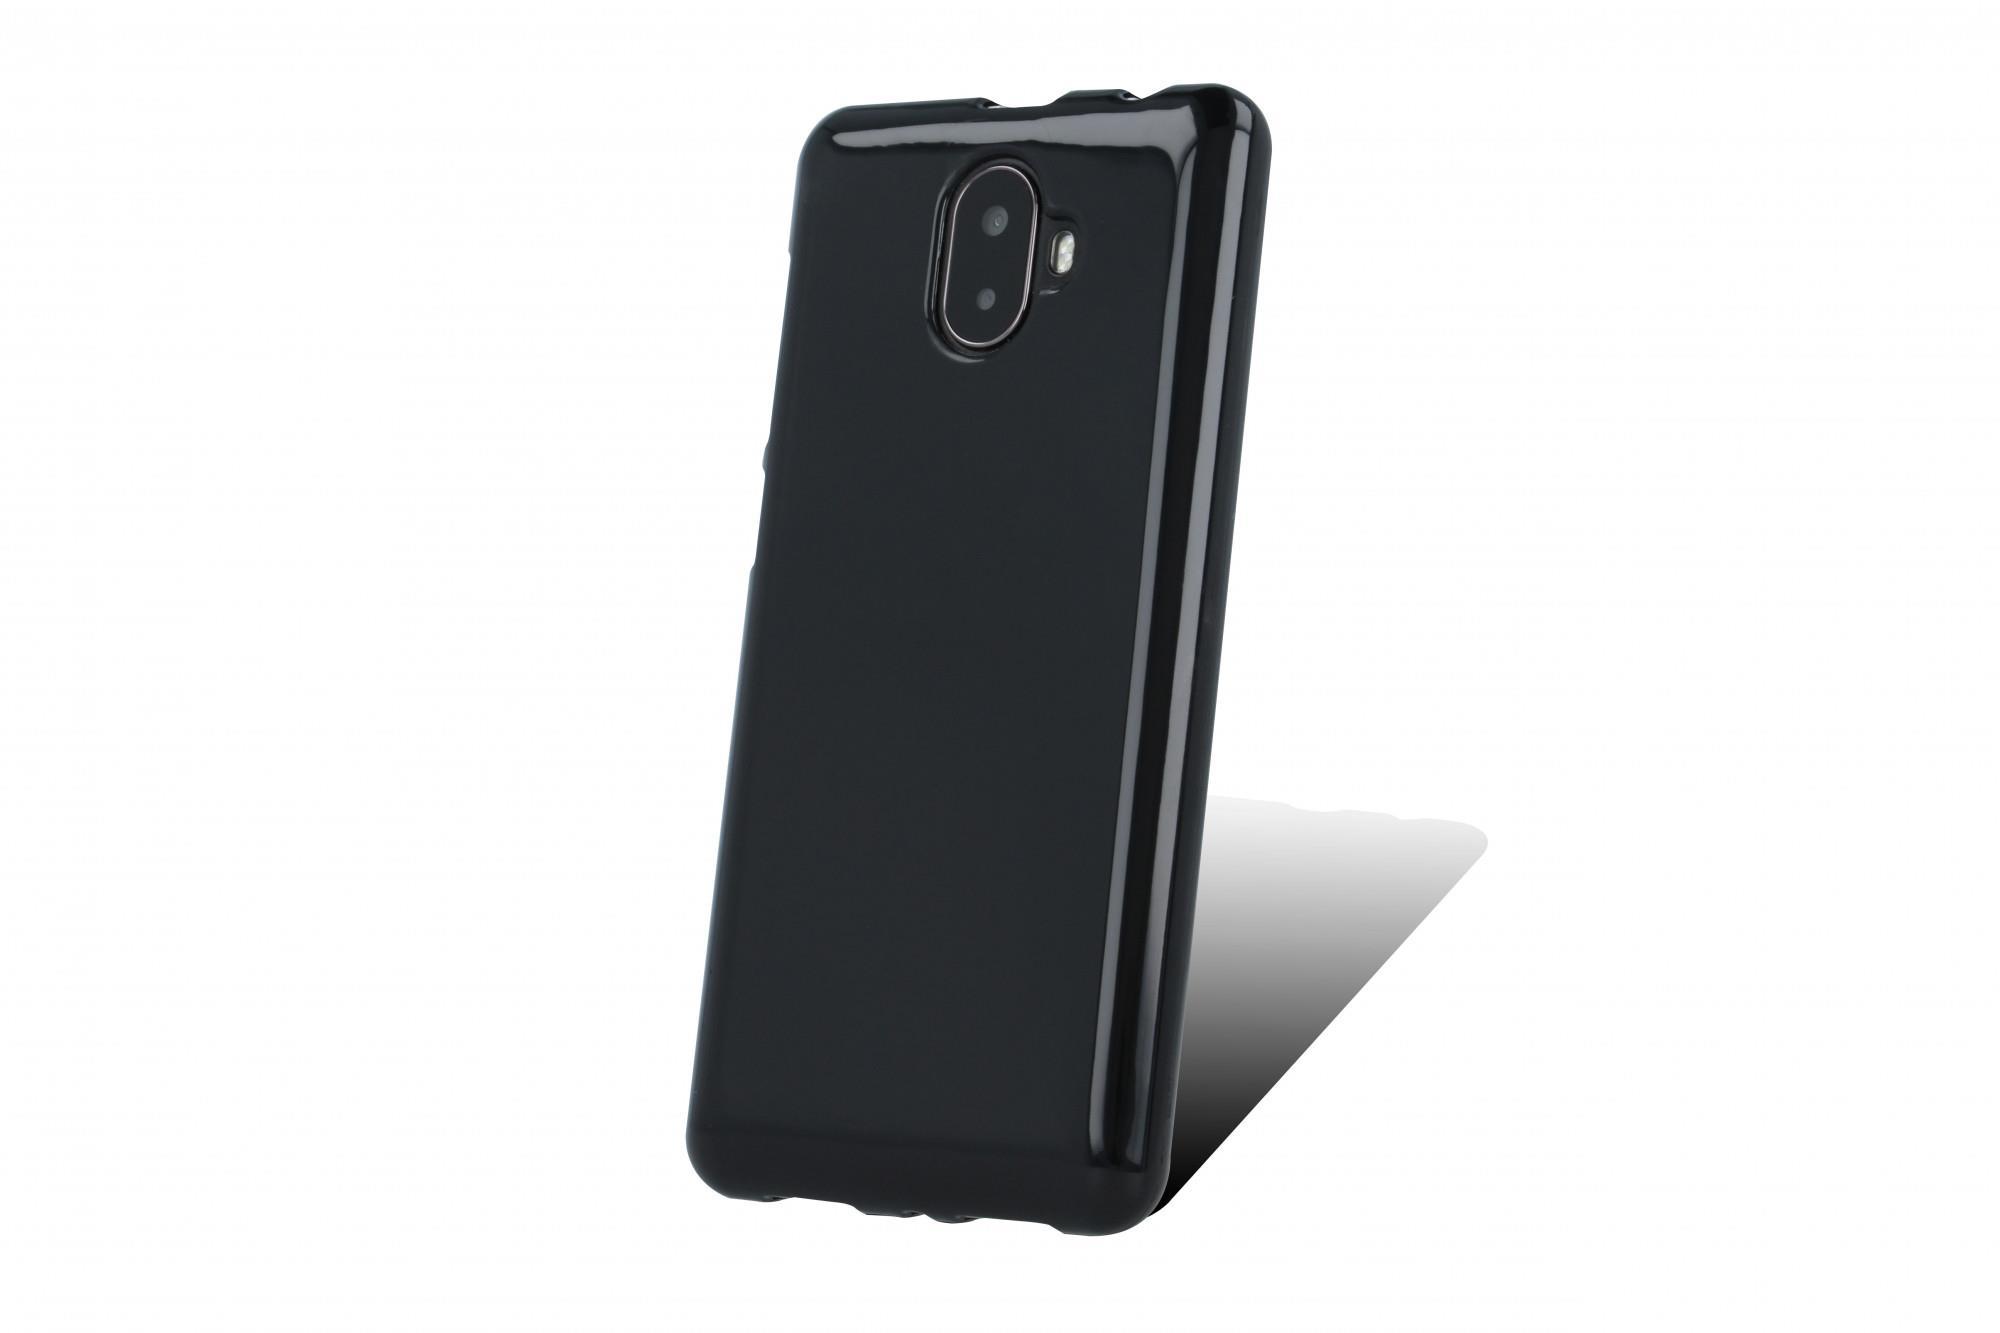 SILIKONOVÉ (TPU) POUZDRO ČERNÉ PRO myPhone POCKET 18x9